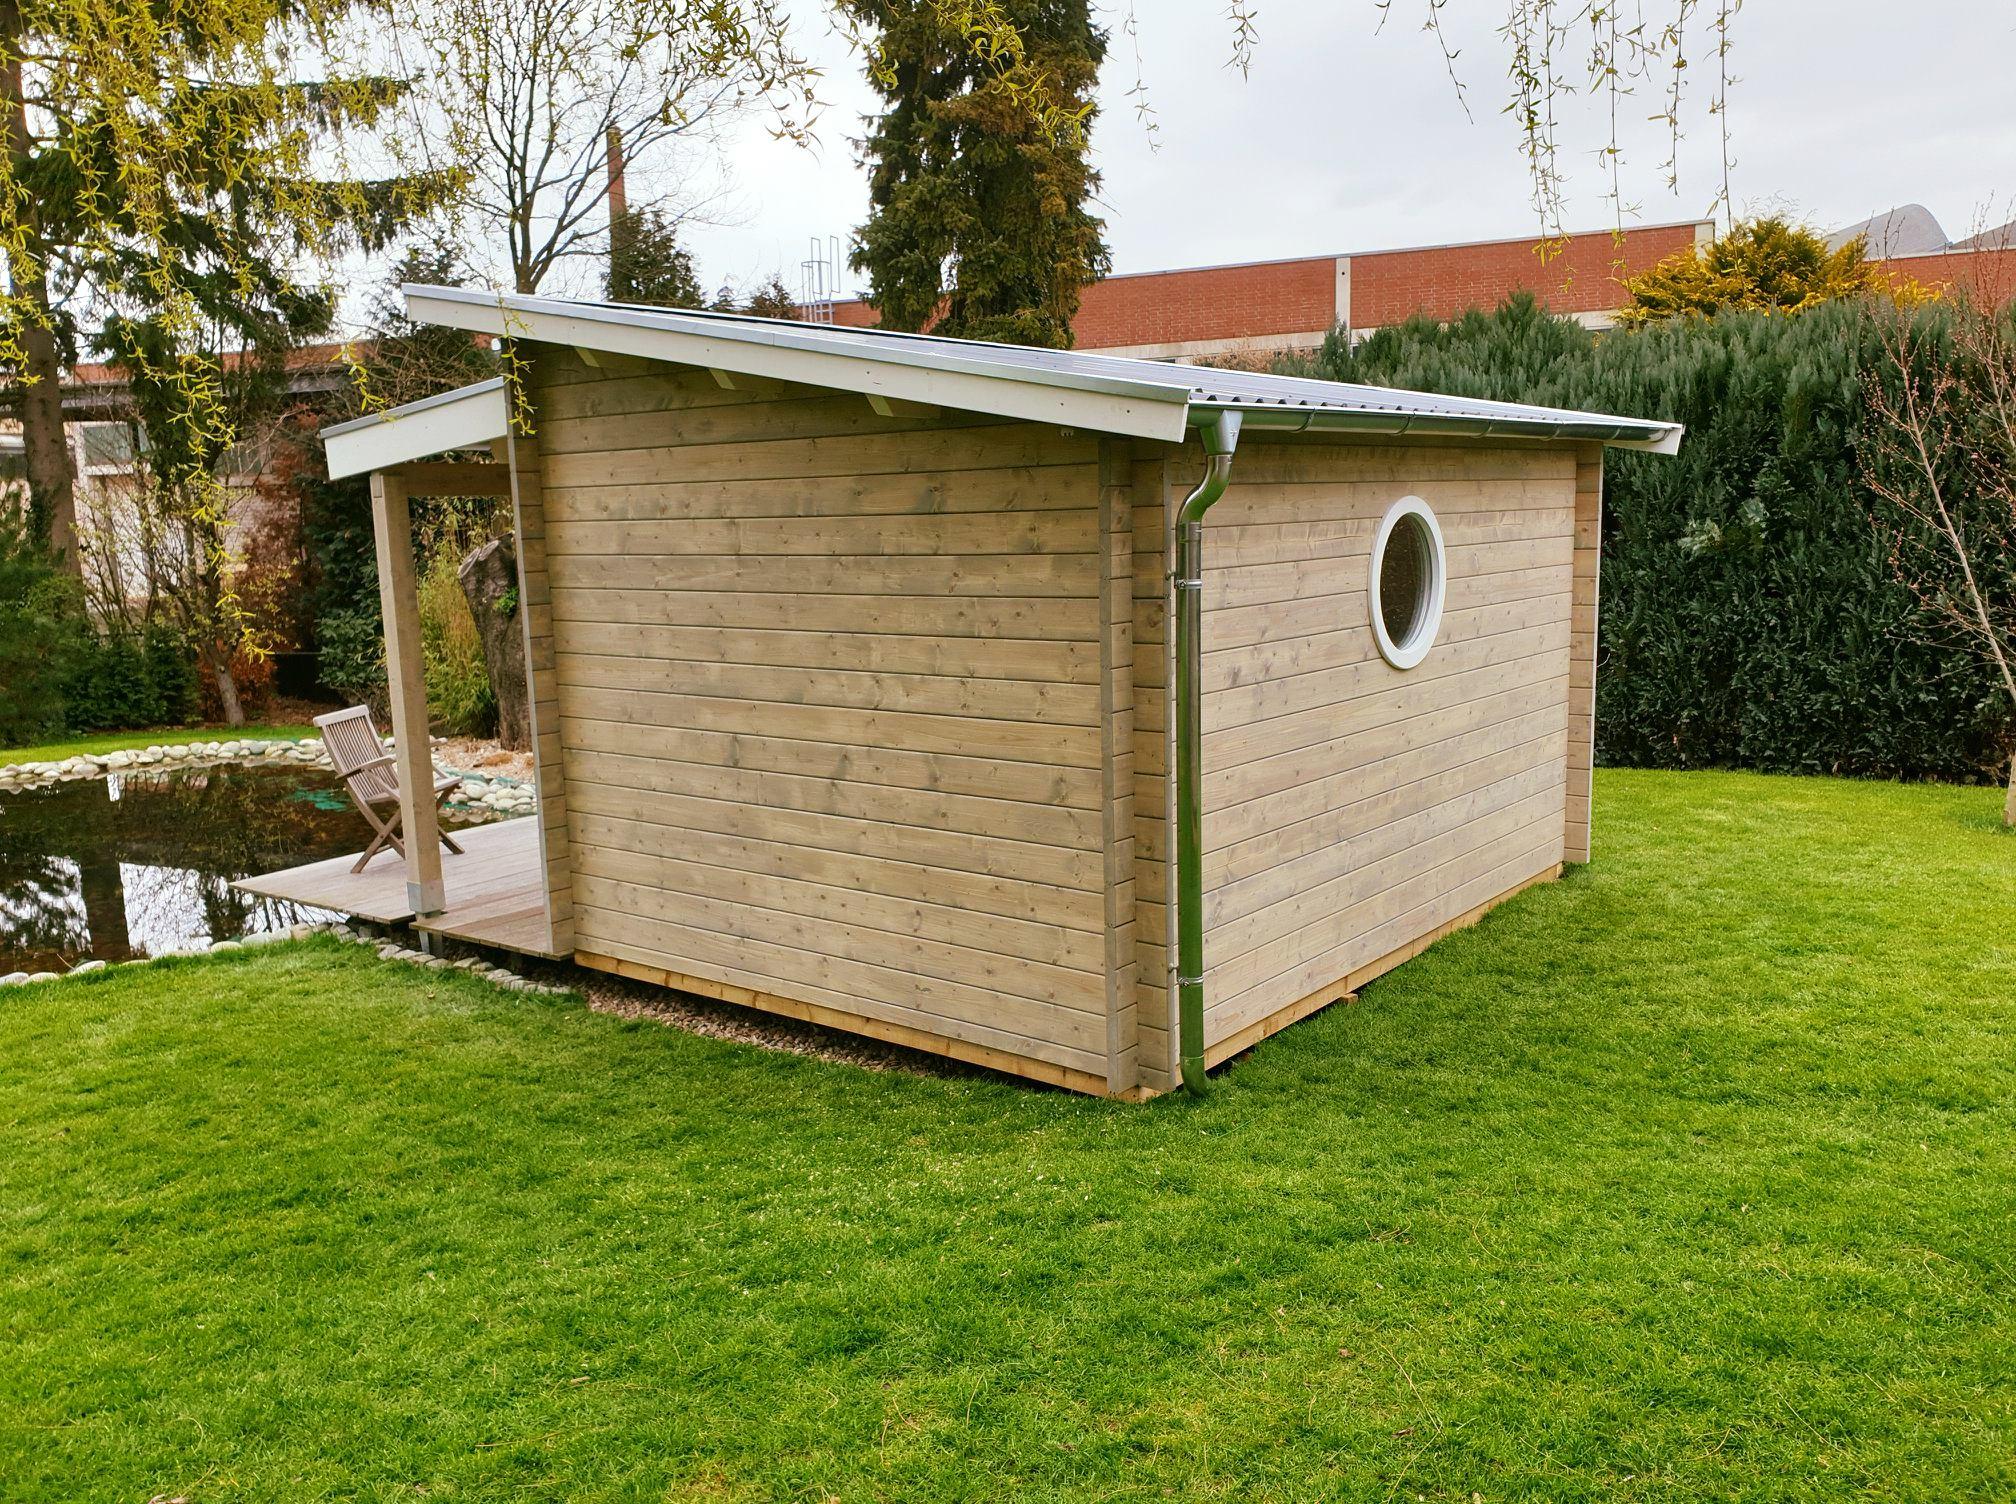 Gartenhaus, Pultdach, Terrasse, Bullauge